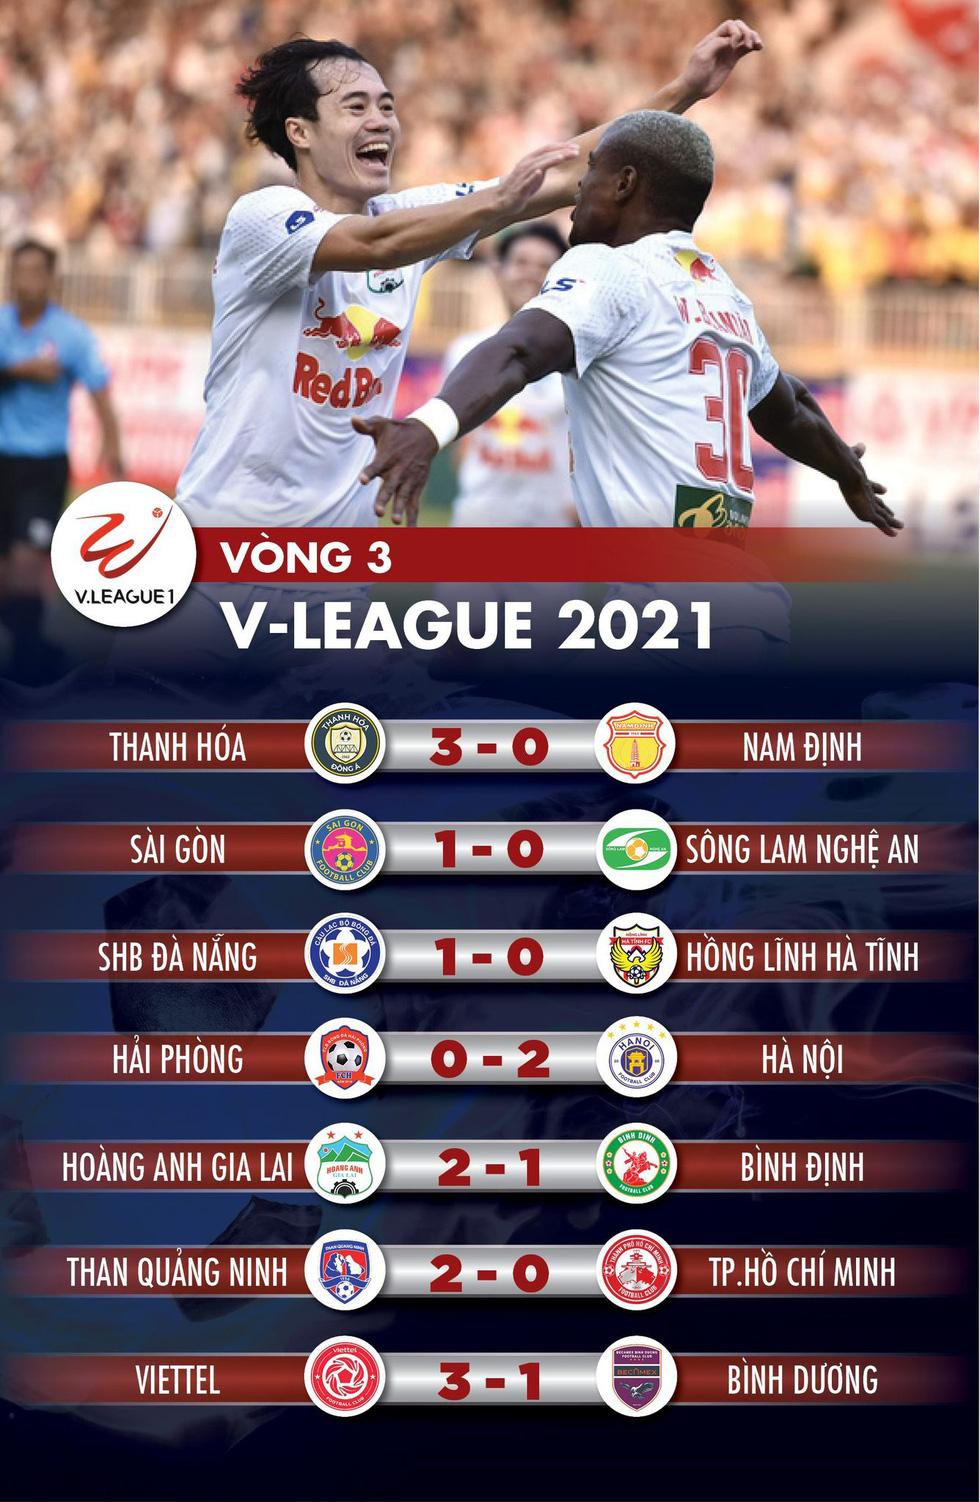 Kết quả, bảng xếp hạng V-League 2021: Viettel đã biết thắng, HAGL vào tốp 4 - Ảnh 1.